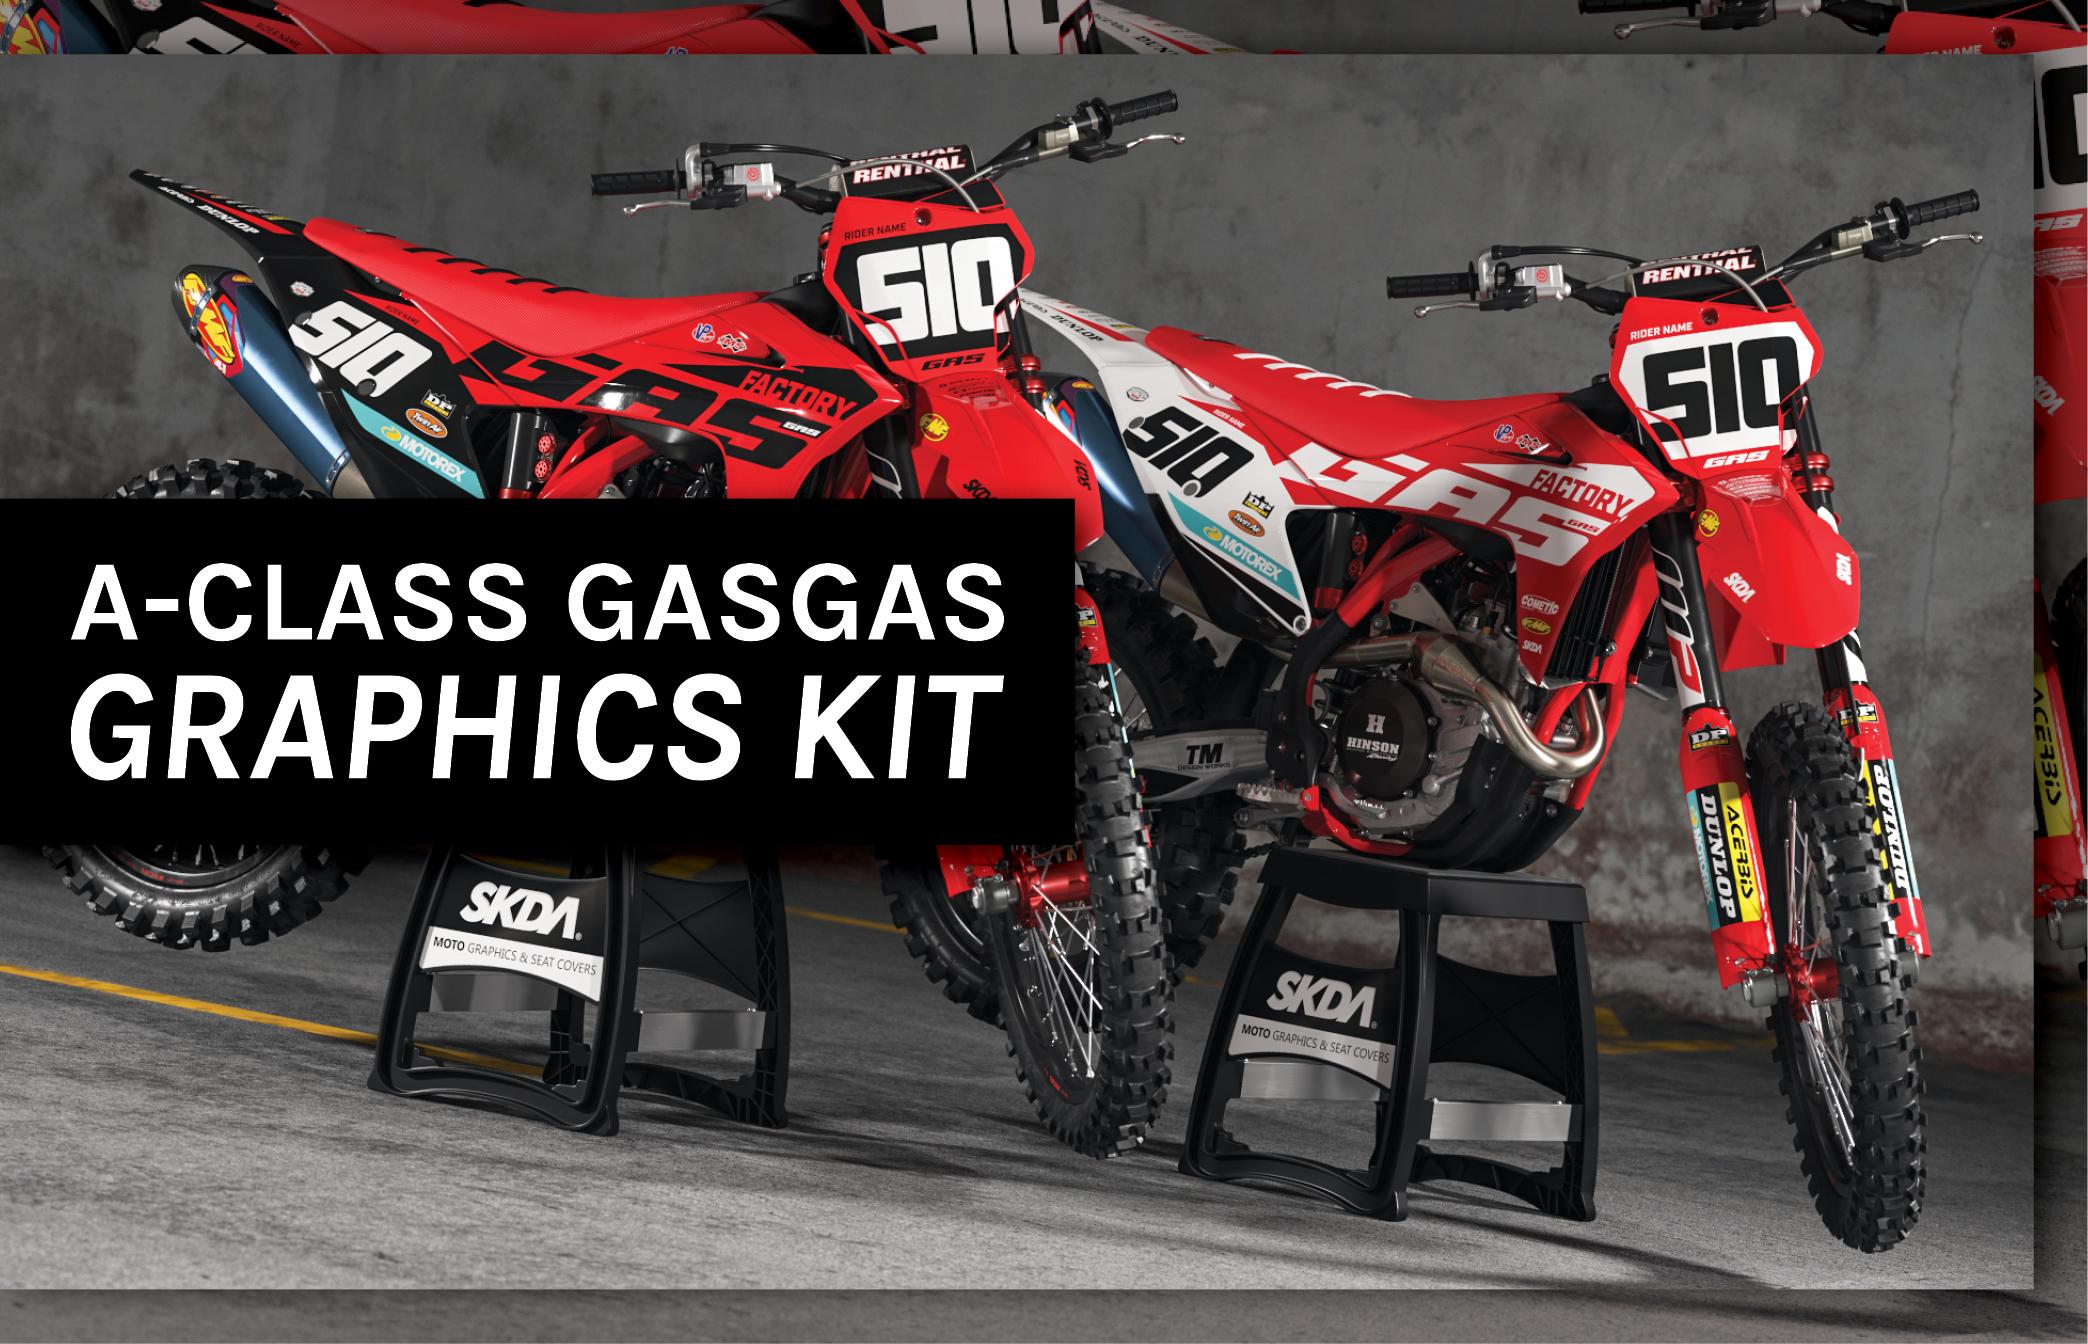 A-CLASS GASGAS